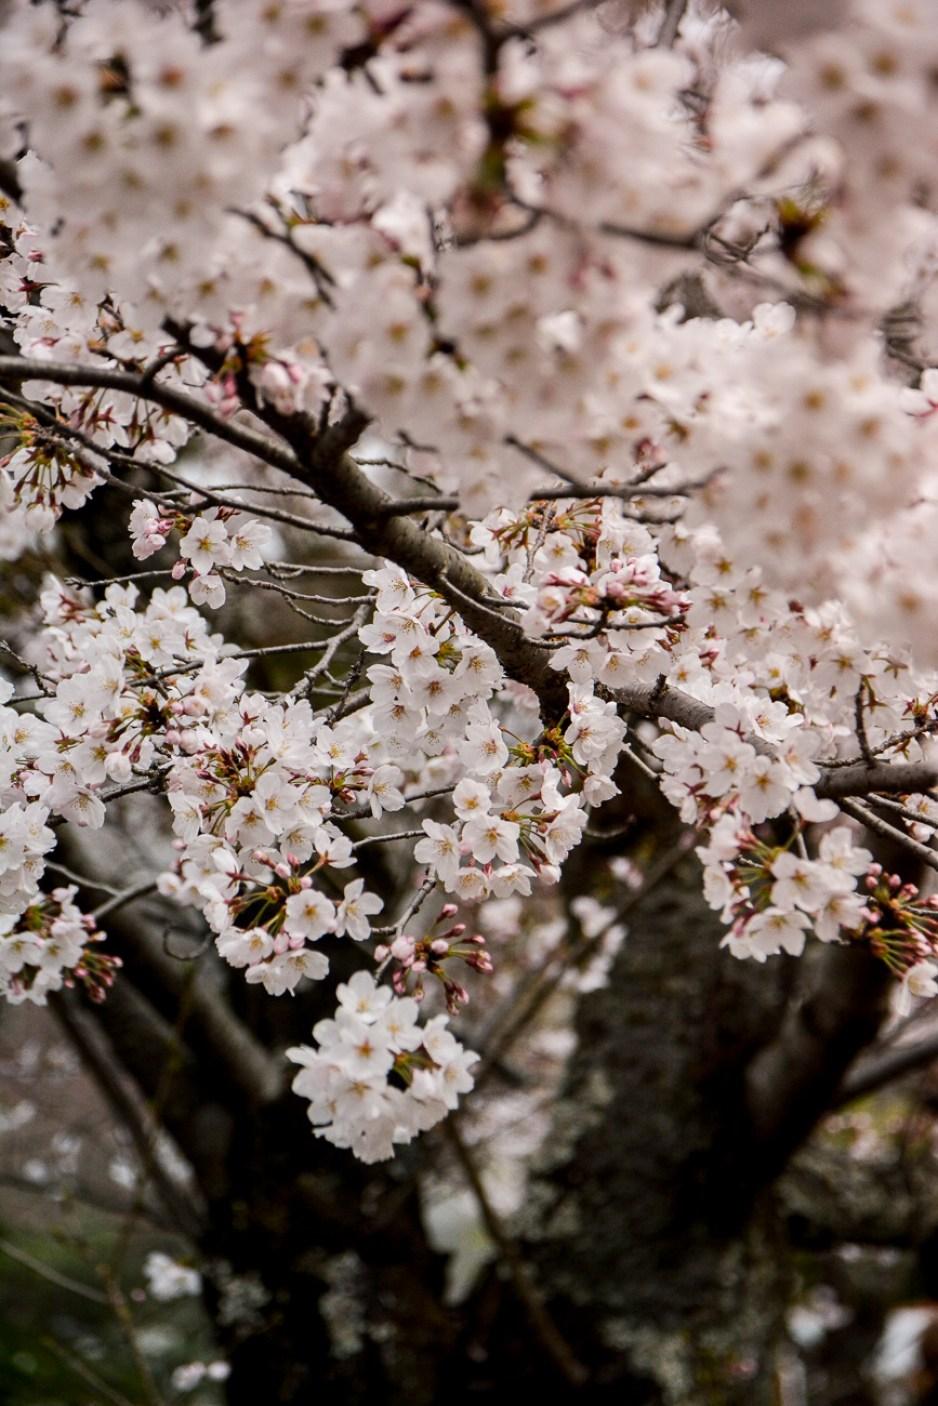 Le jardin de Maruyama est l'un des meilleurs endroits à Kyoto pour observer les cerisiers en fleurs pendant Hanami